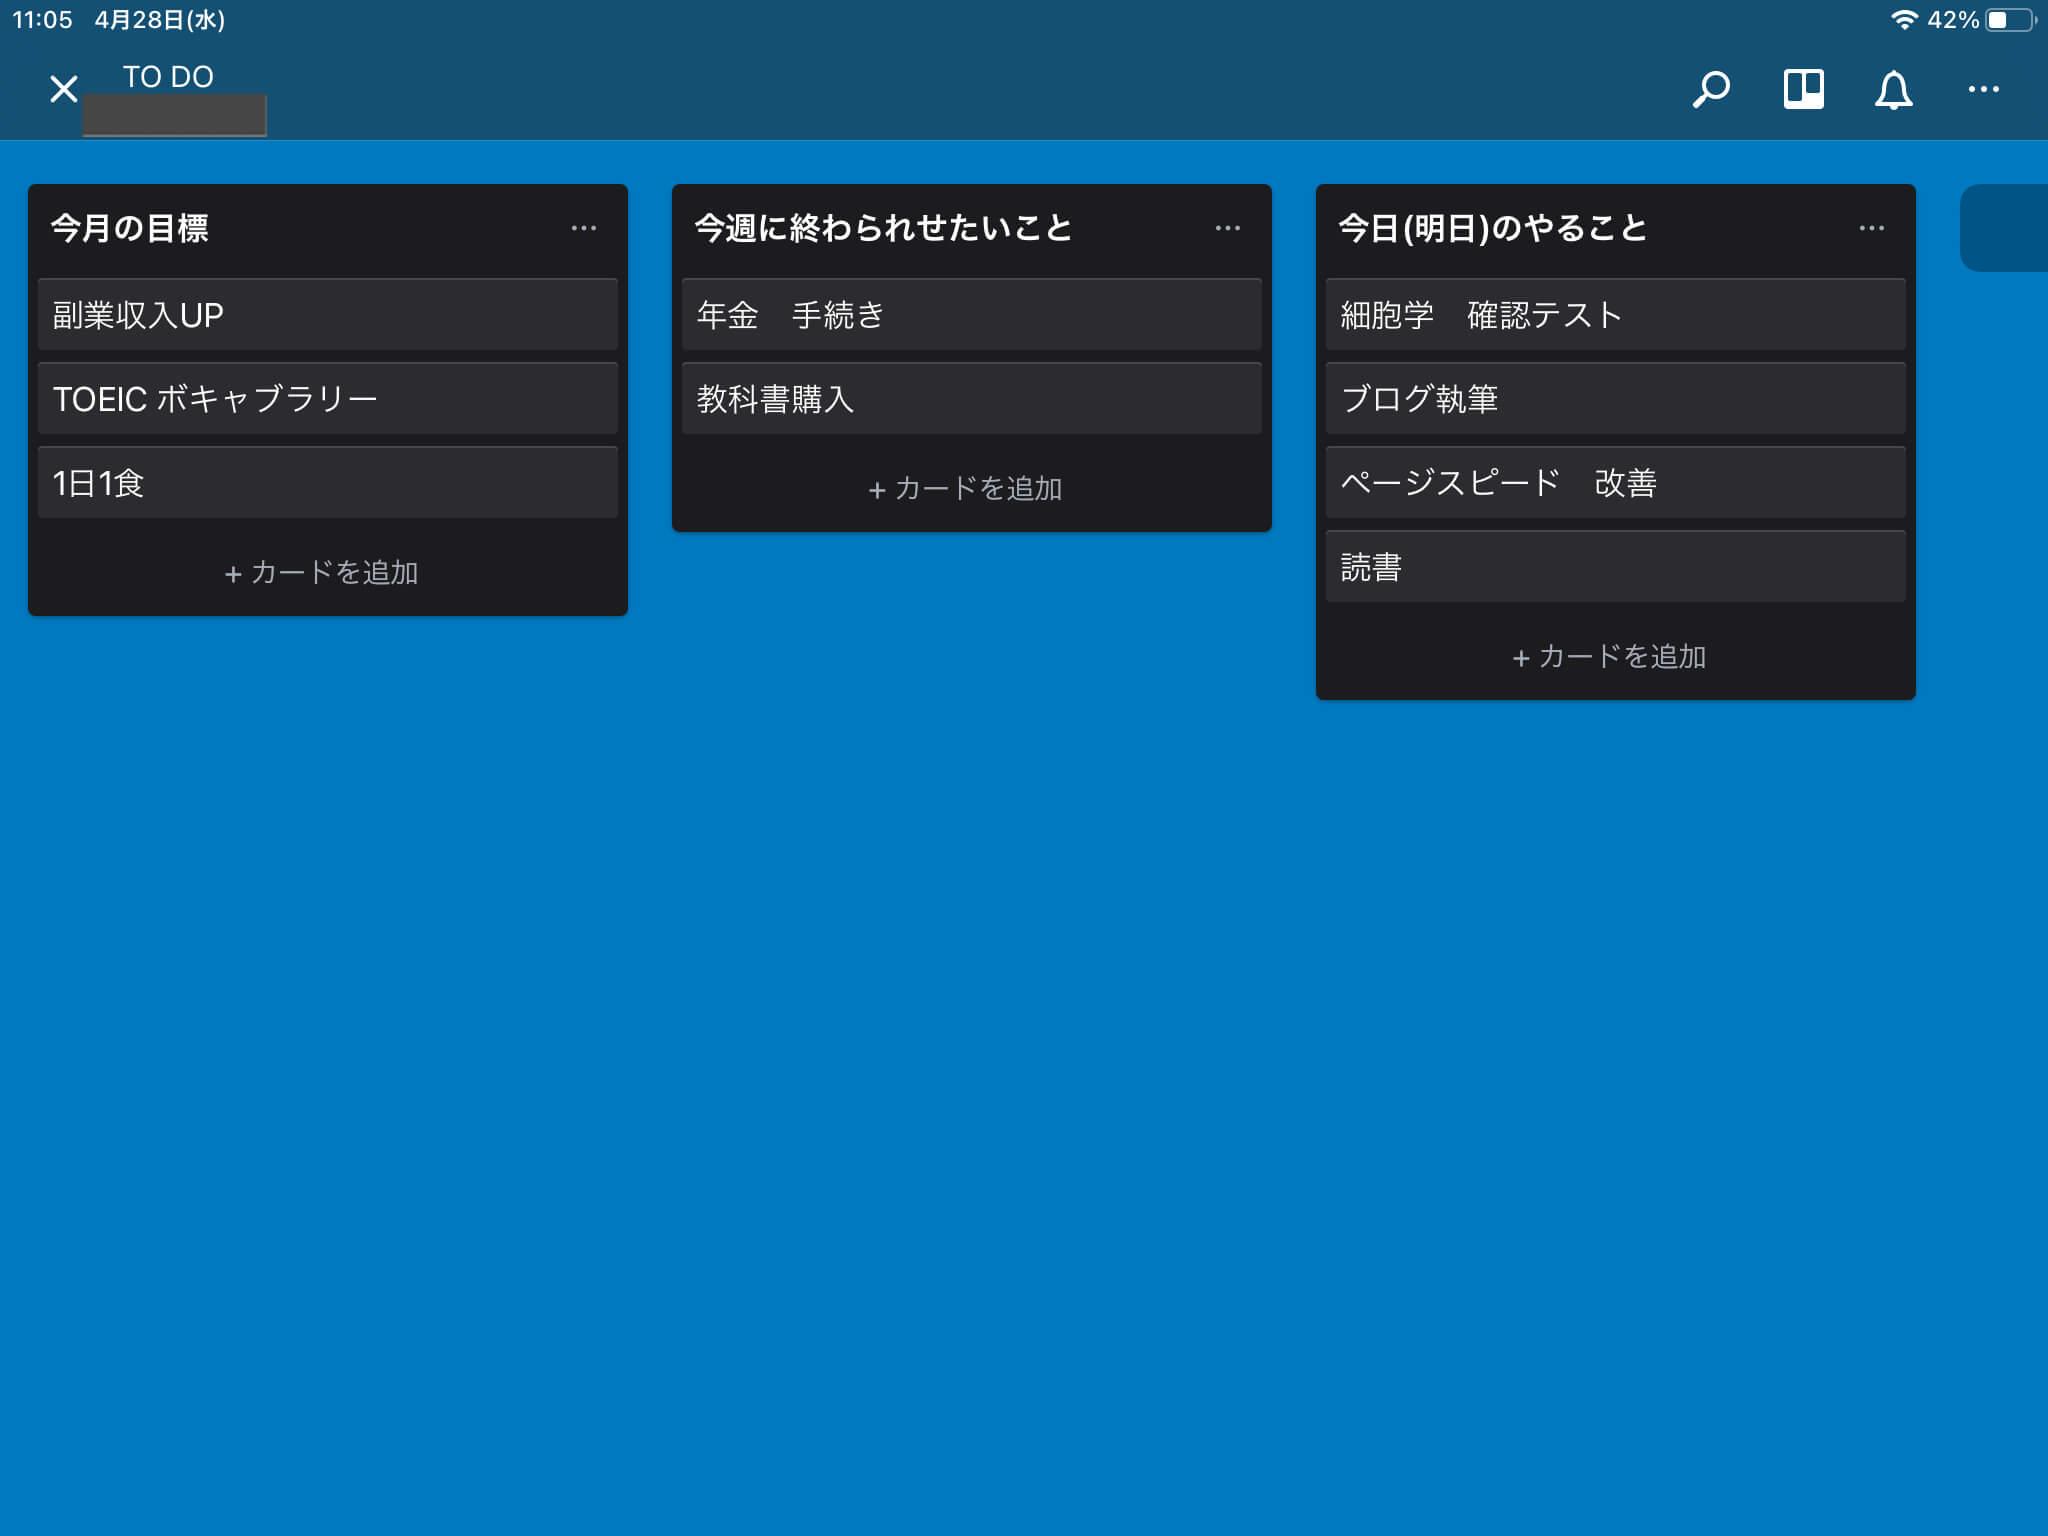 スケジュール管理アプリトレロの使用例